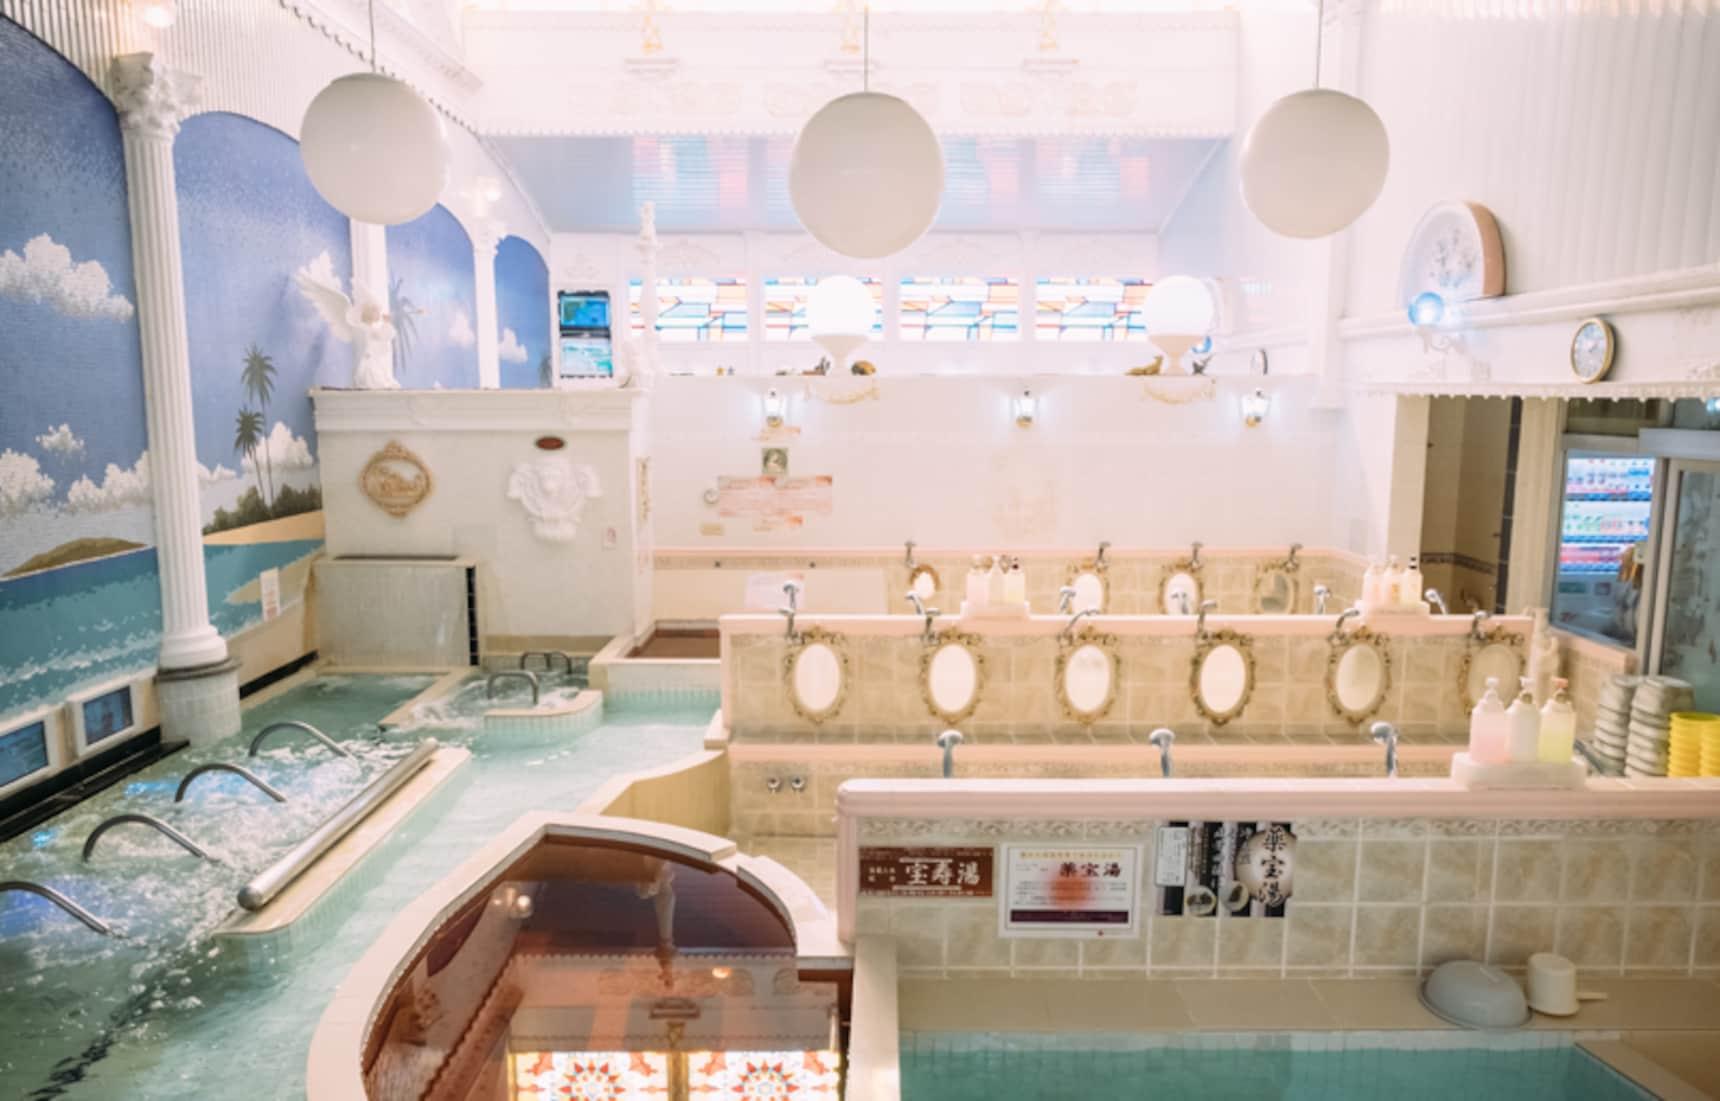 日本传统浴场新创意!东京「小杉汤」的线上泡汤,了解一下?